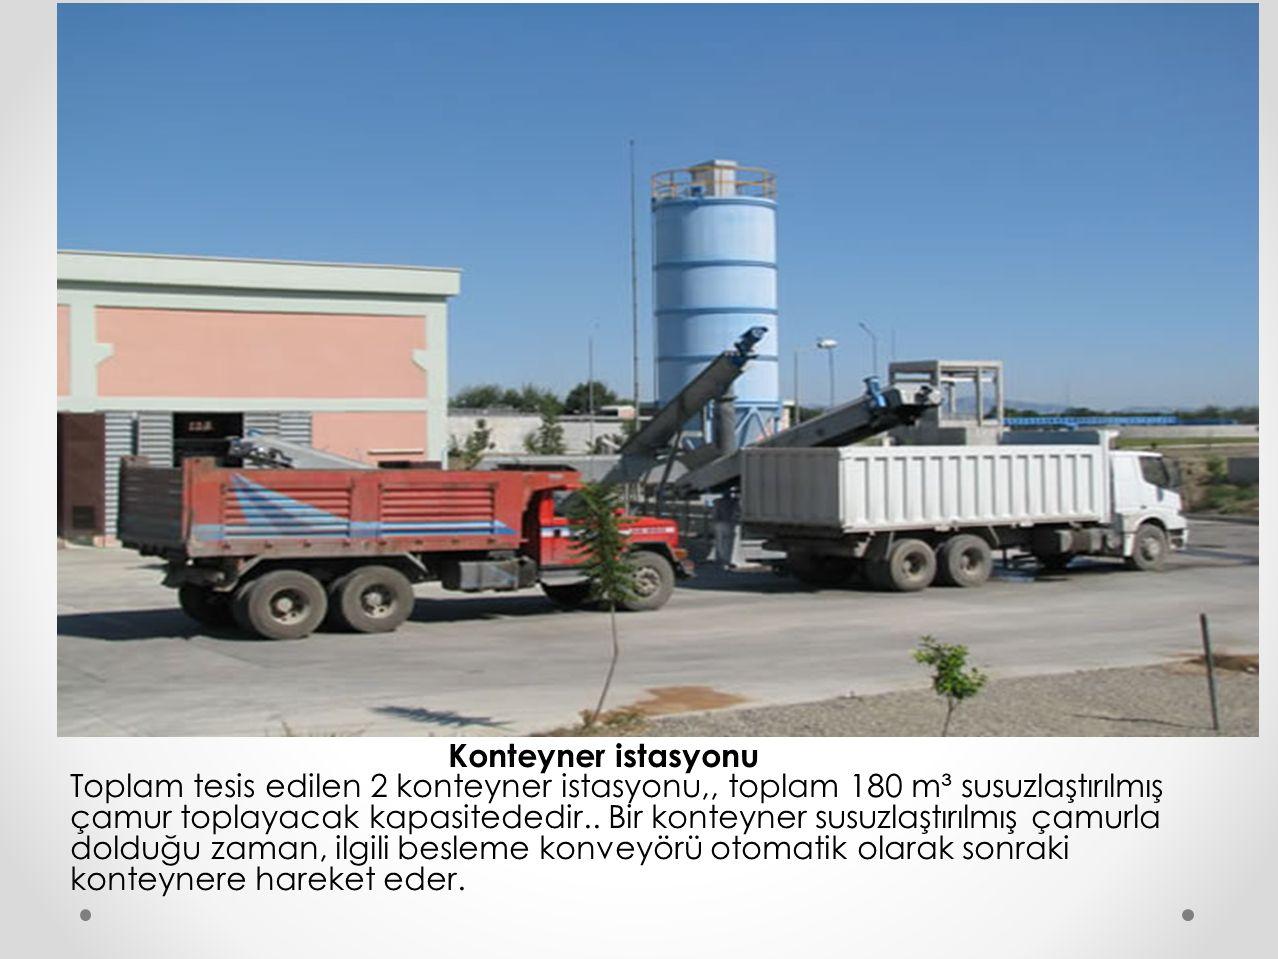 Konteyner istasyonu Toplam tesis edilen 2 konteyner istasyonu,, toplam 180 m³ susuzlaştırılmış çamur toplayacak kapasitededir..